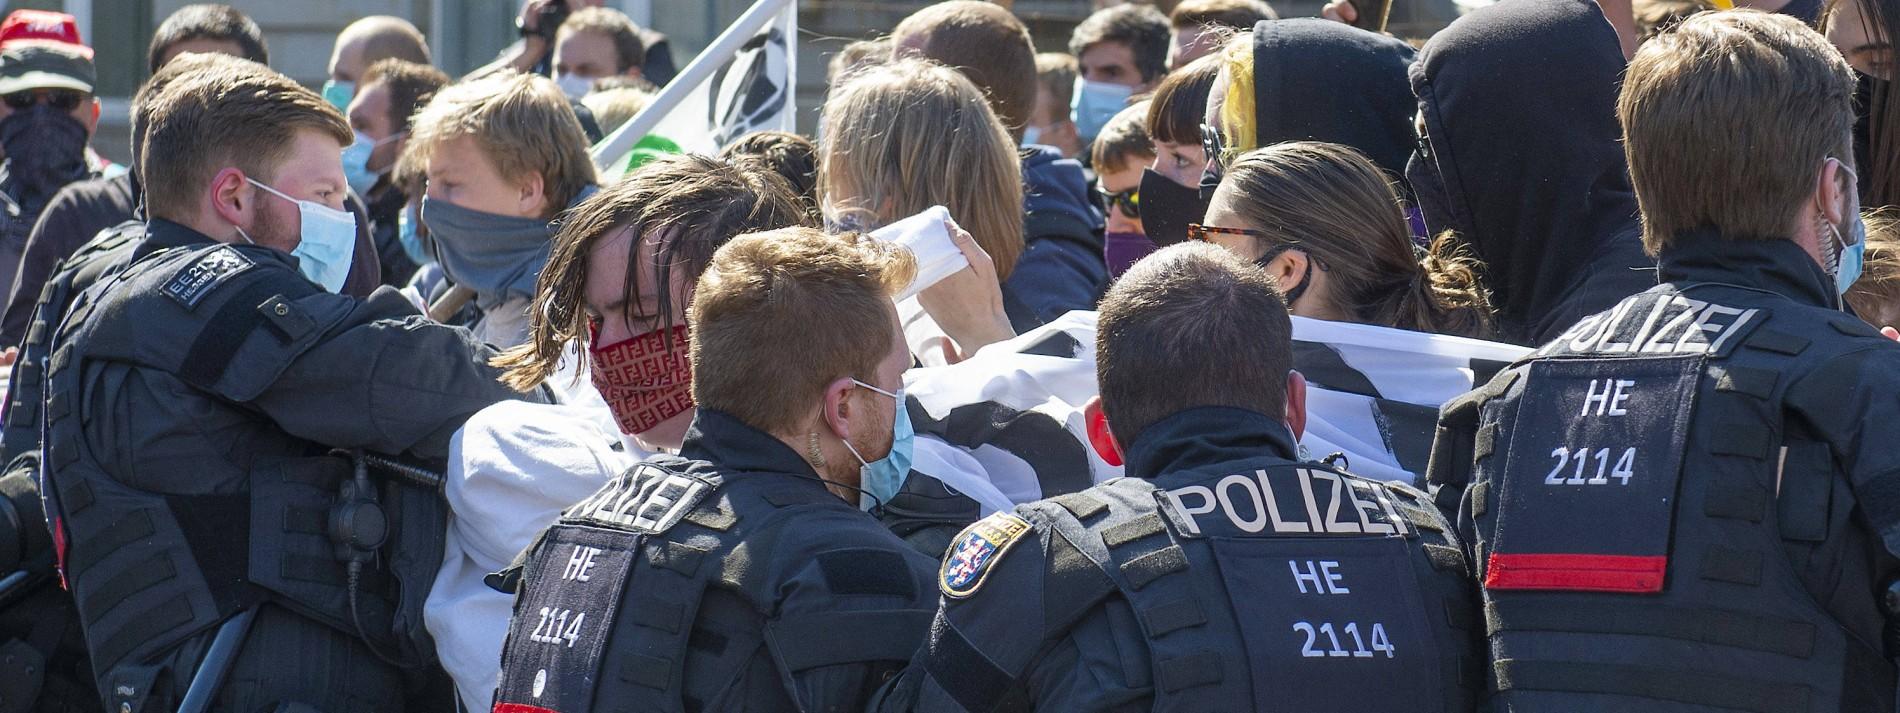 Staatsschutz ermittelt nach Corona-Protesten